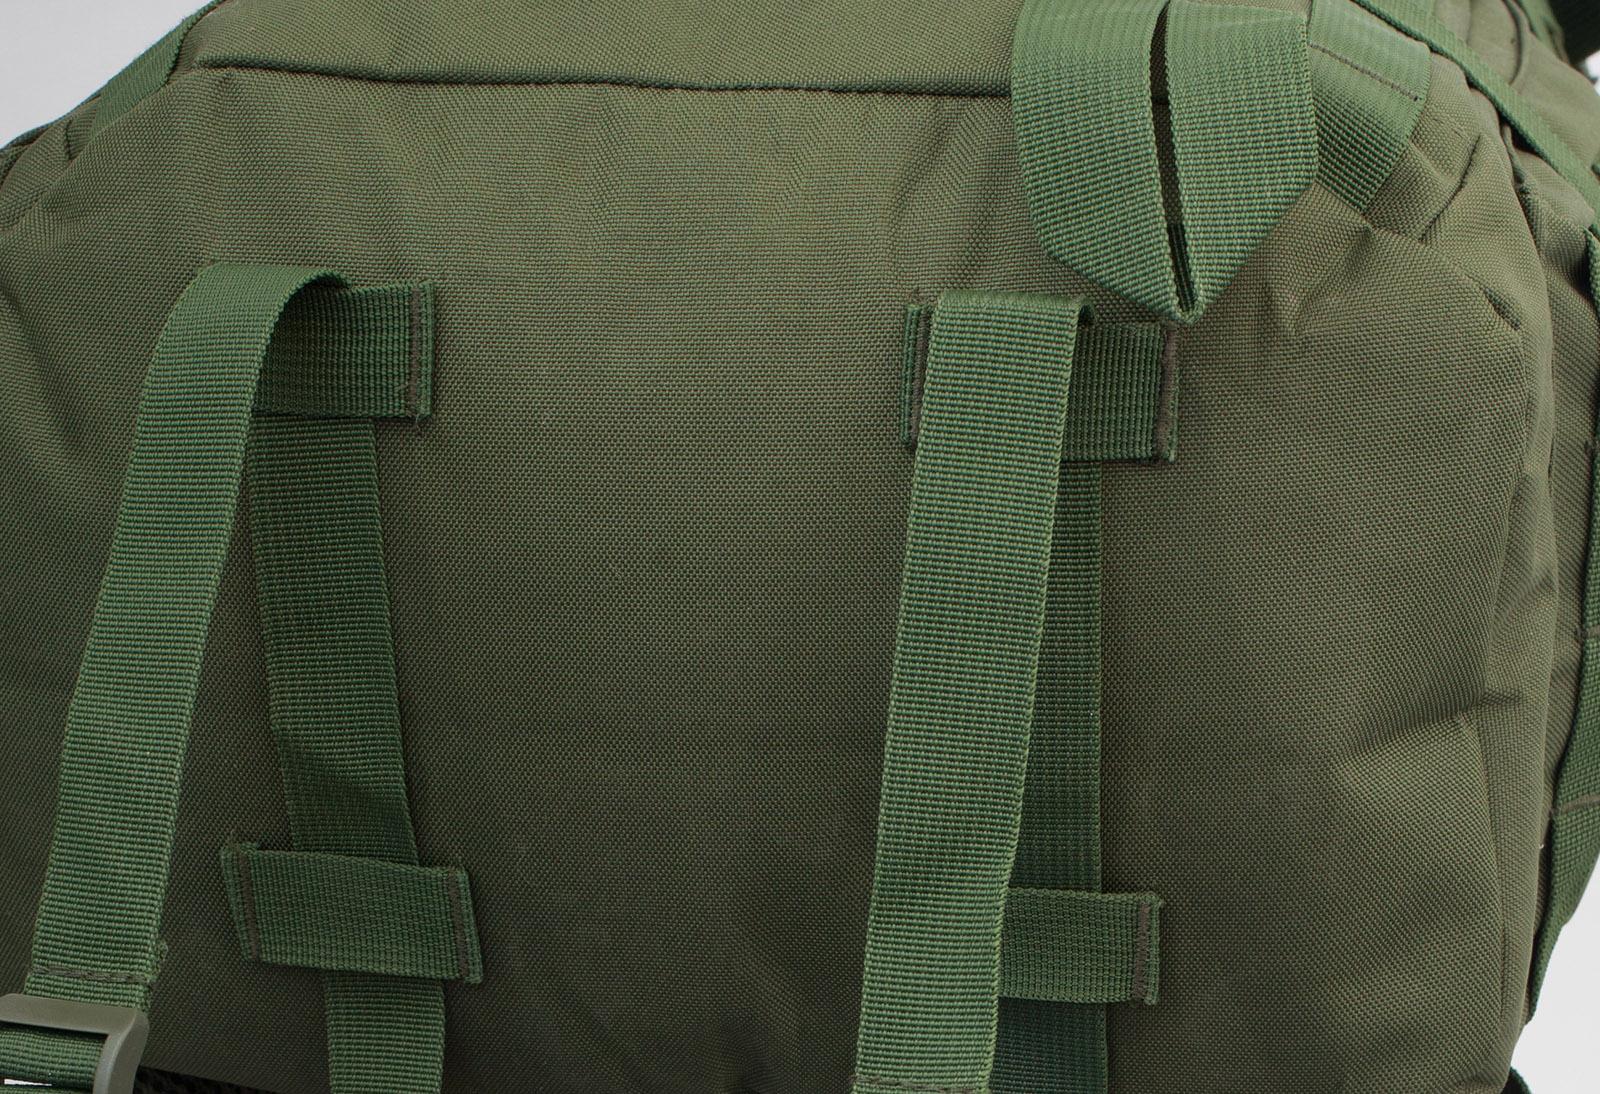 Функциональный штурмовой рюкзак Росгвардия - купить в розницу